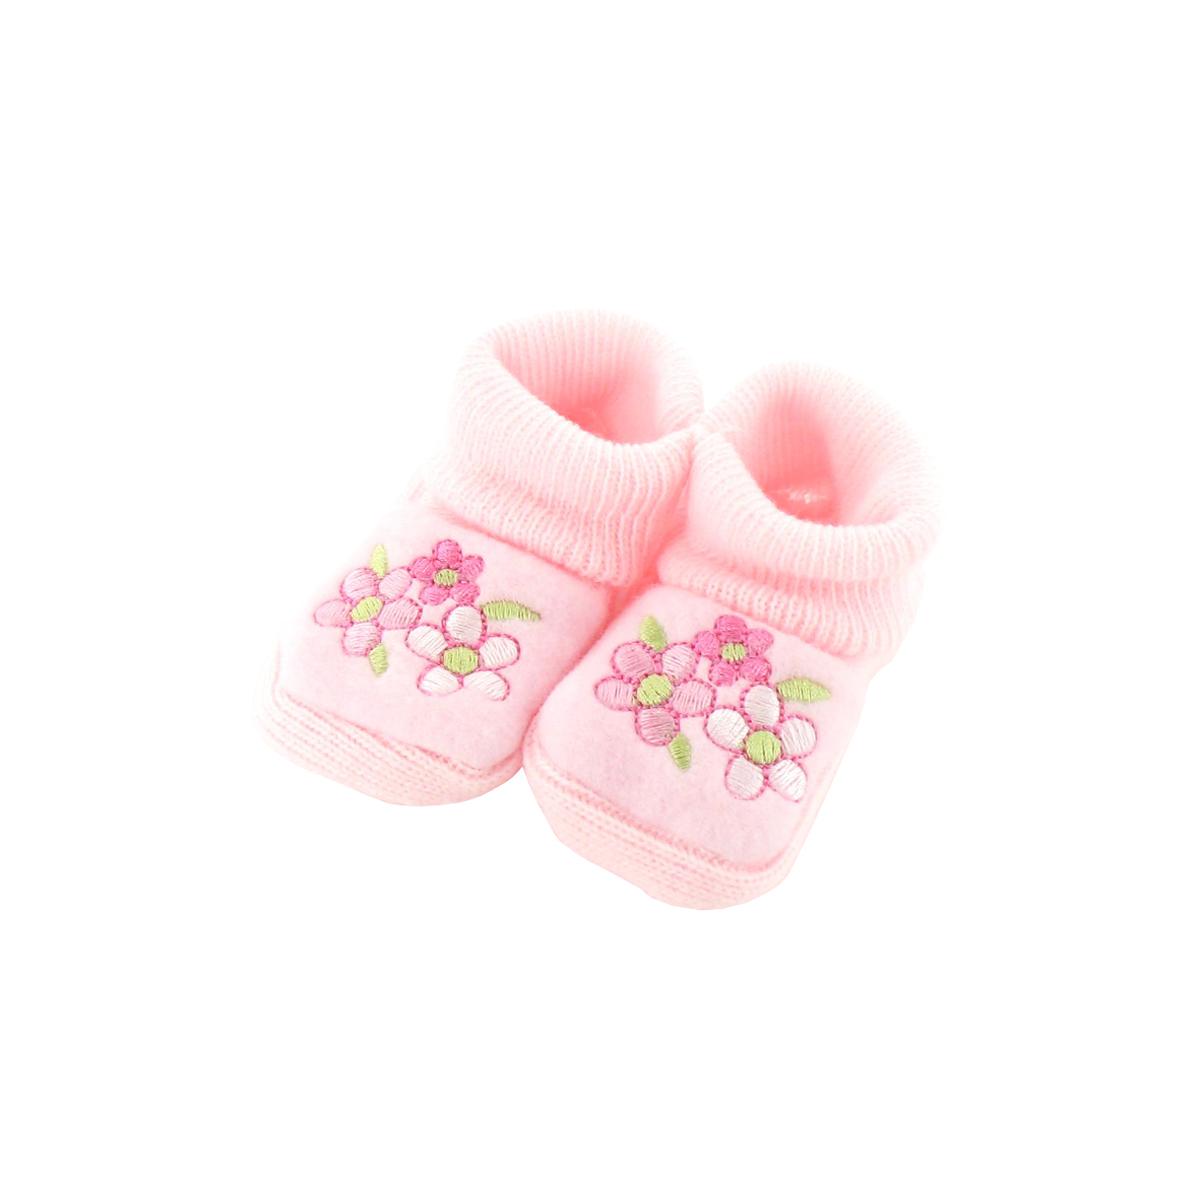 Chaussons pour bébé 0 à 3 Mois rose - Motif Ourson Lune M1tWvZ89W